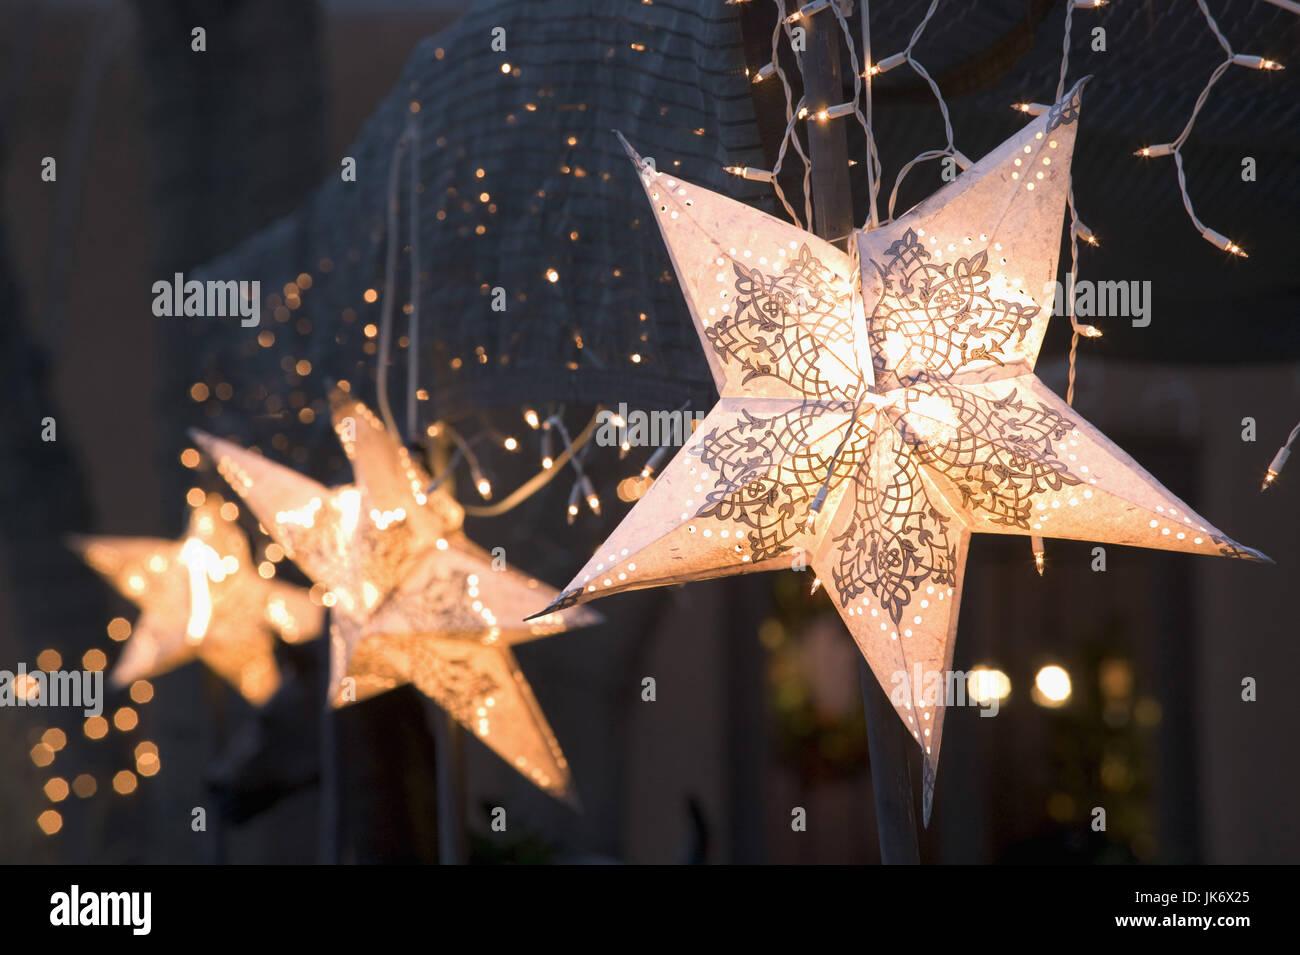 USA, New Mexico, Santa Fe, Canyon  Road, Weihnachtsdekoration,  Lichterkette, Sterne Nordamerika, Vereinigte Staaten - Stock Image